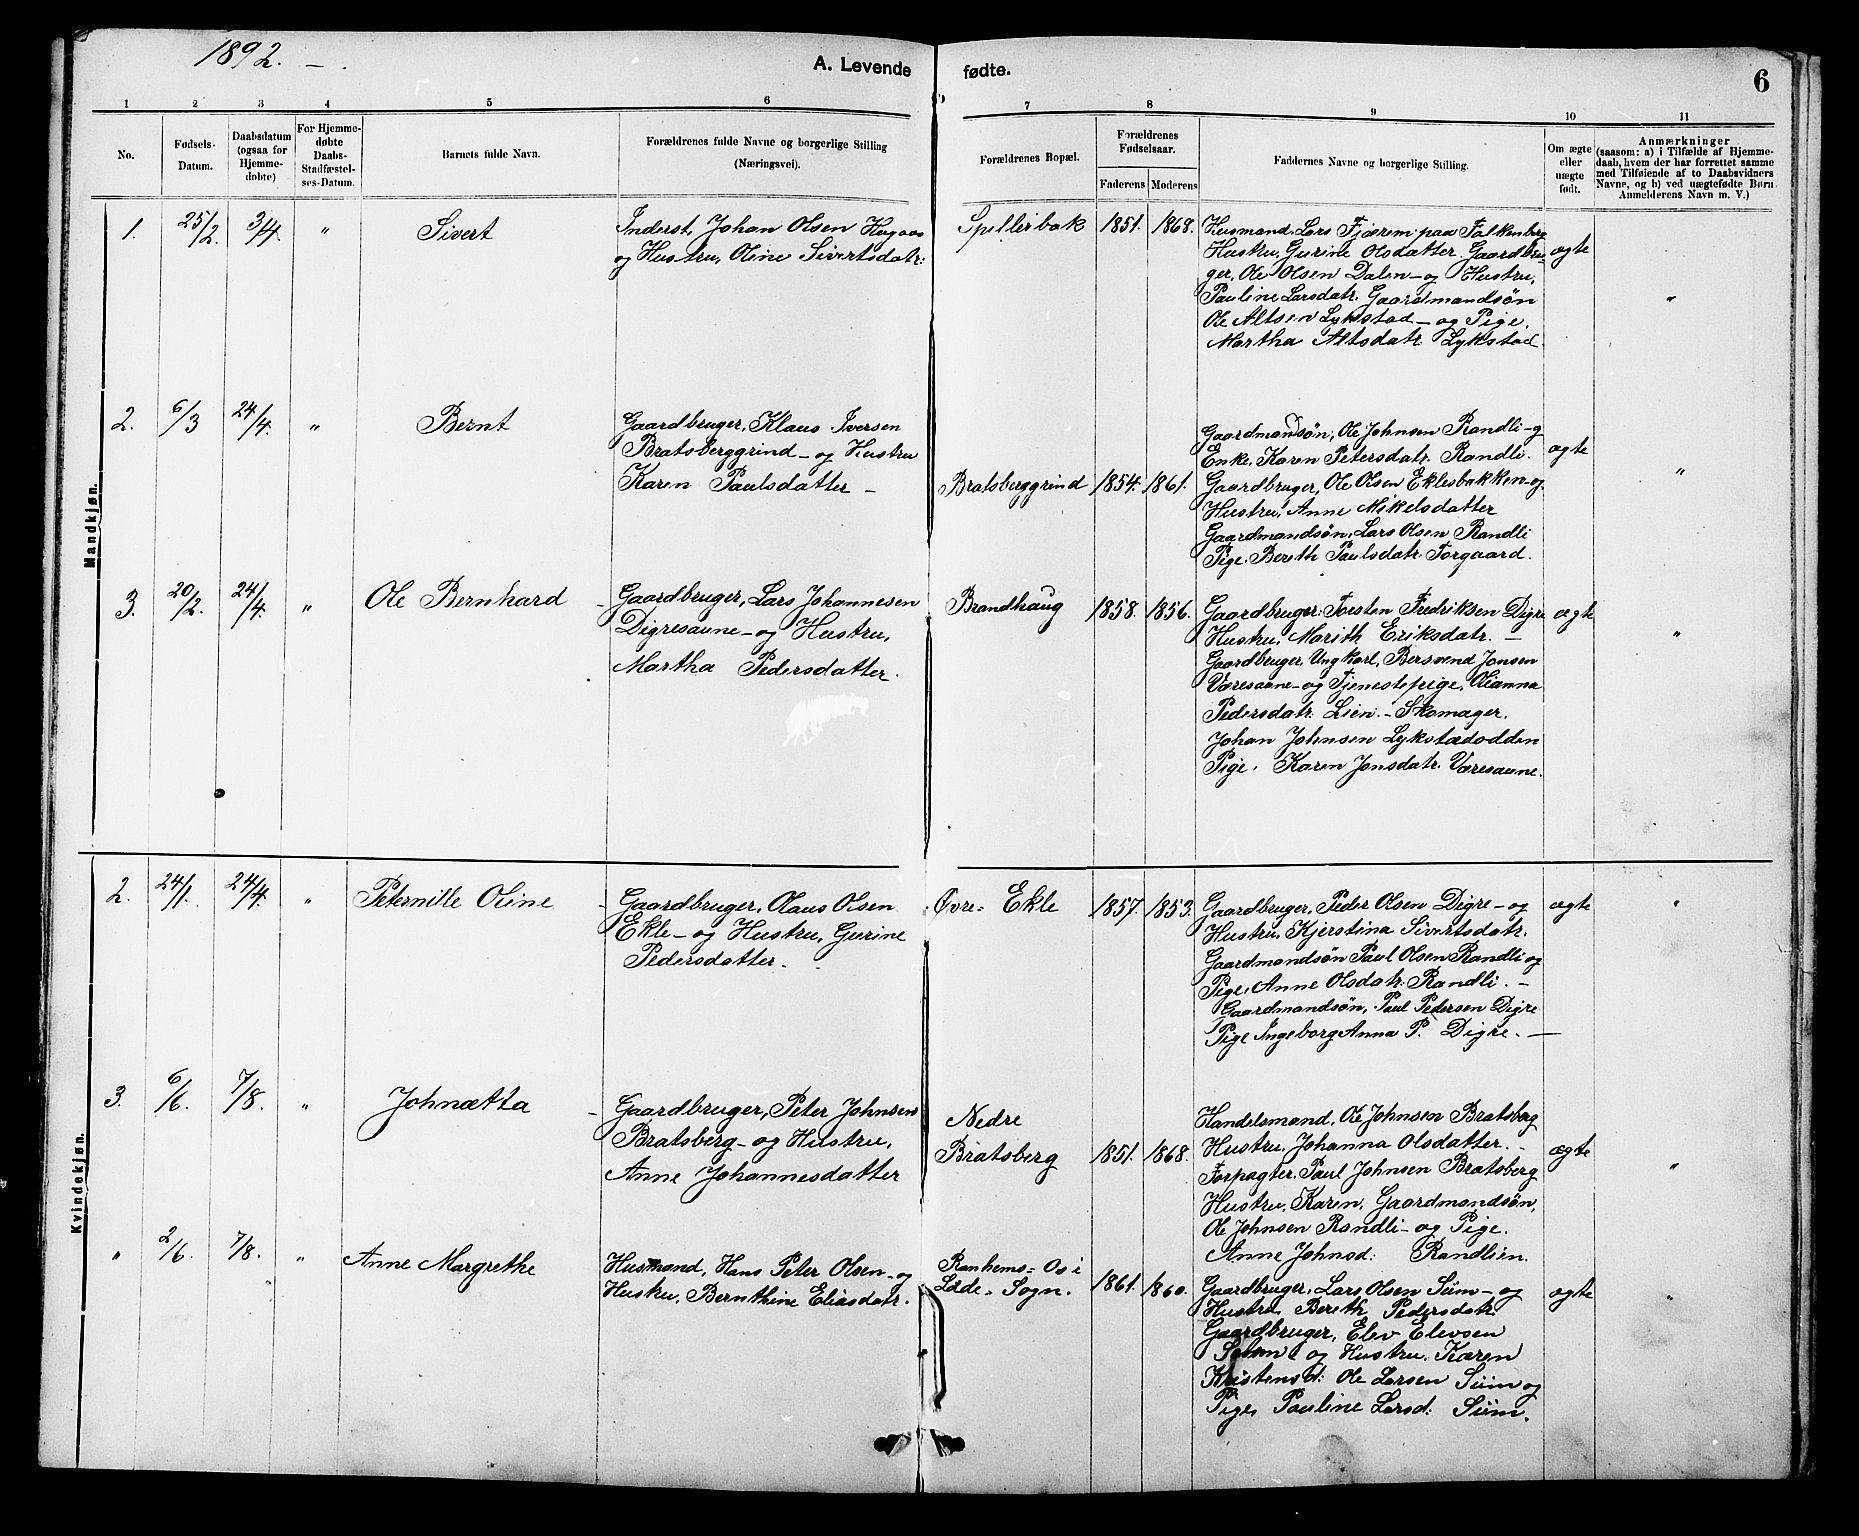 SAT, Ministerialprotokoller, klokkerbøker og fødselsregistre - Sør-Trøndelag, 608/L0341: Klokkerbok nr. 608C07, 1890-1912, s. 6